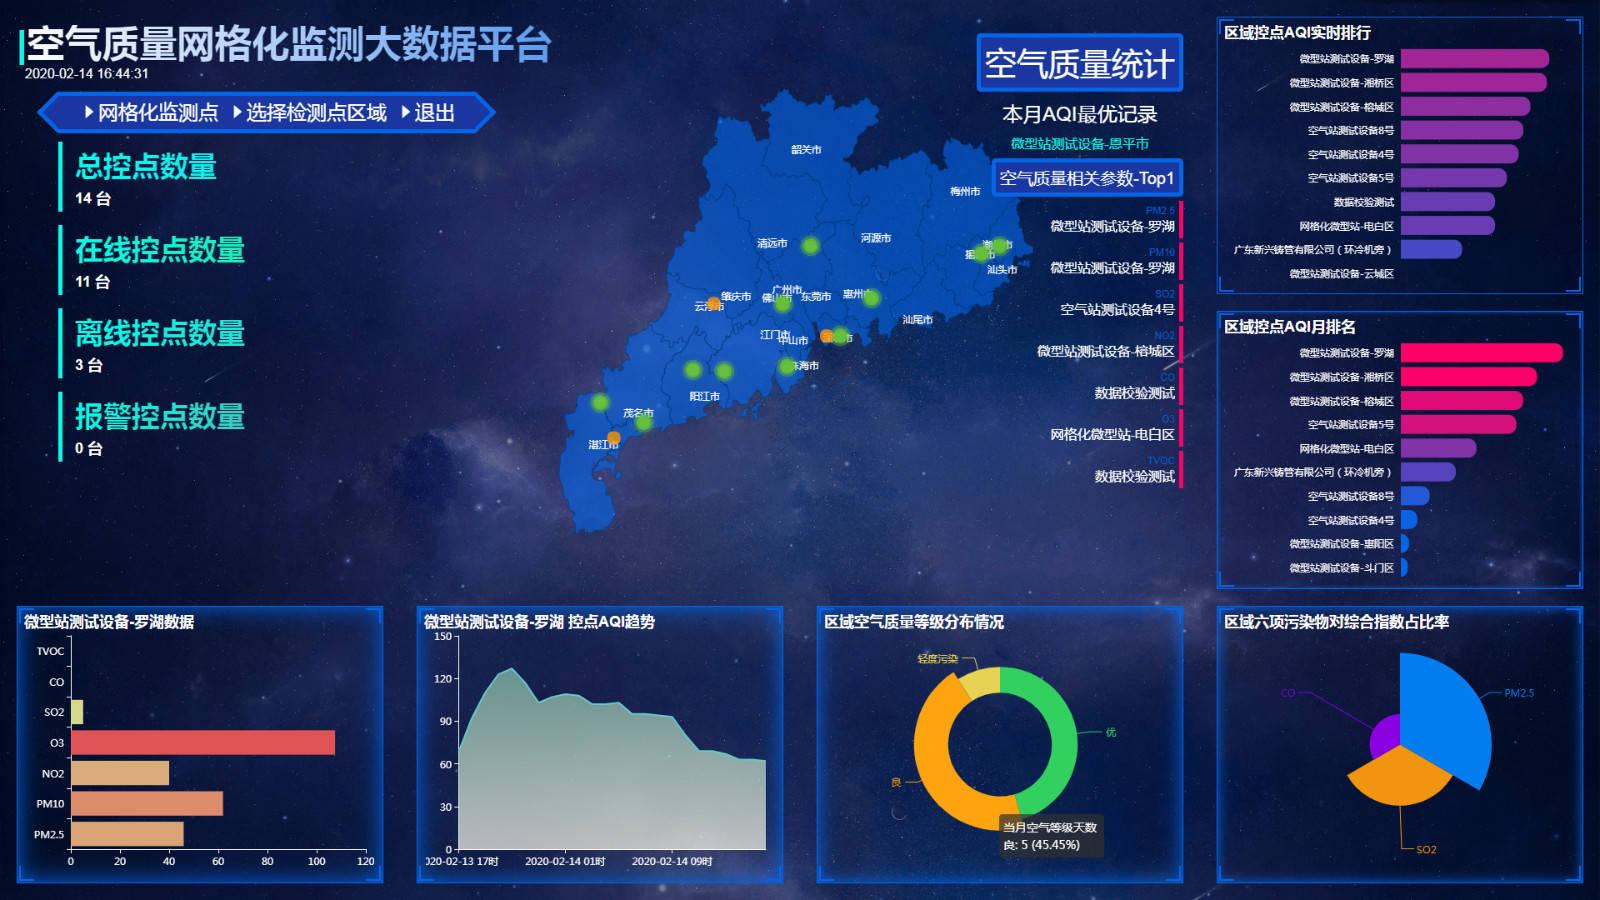 湖南城市排行_2021城市排行榜,湖南1个新一线,3个三线,8个四线,2个五线